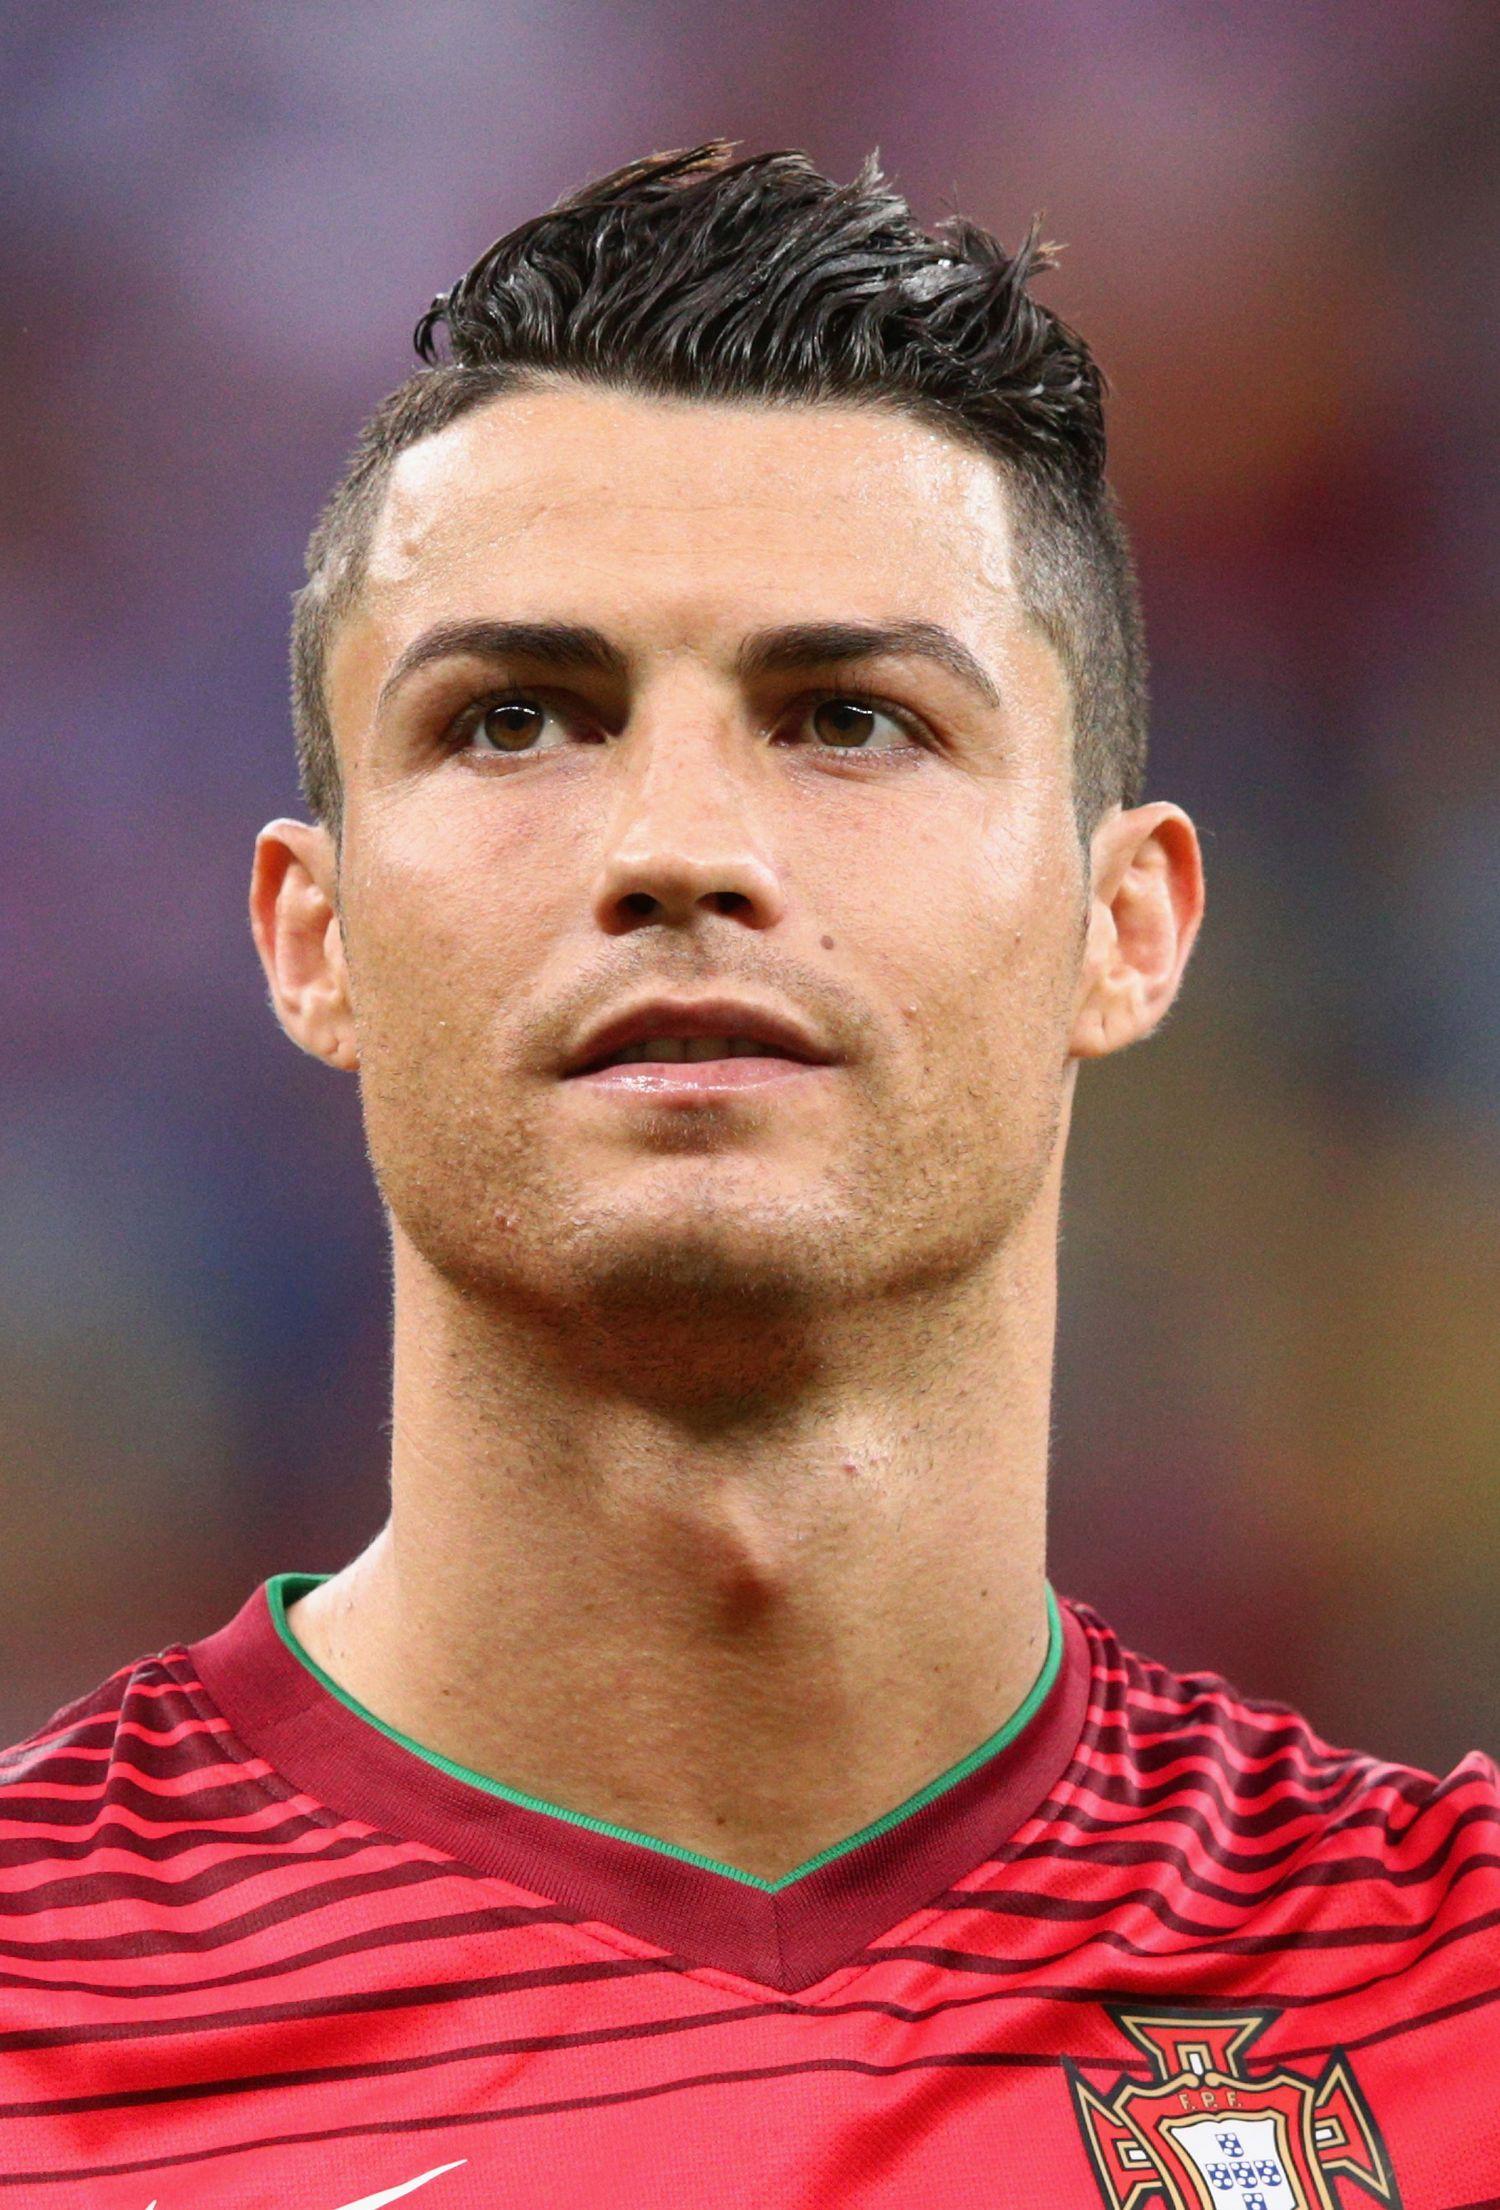 Cristiano Ronaldo With Images Ronaldo Photos Cristiano Ronaldo Hairstyle Ronaldo